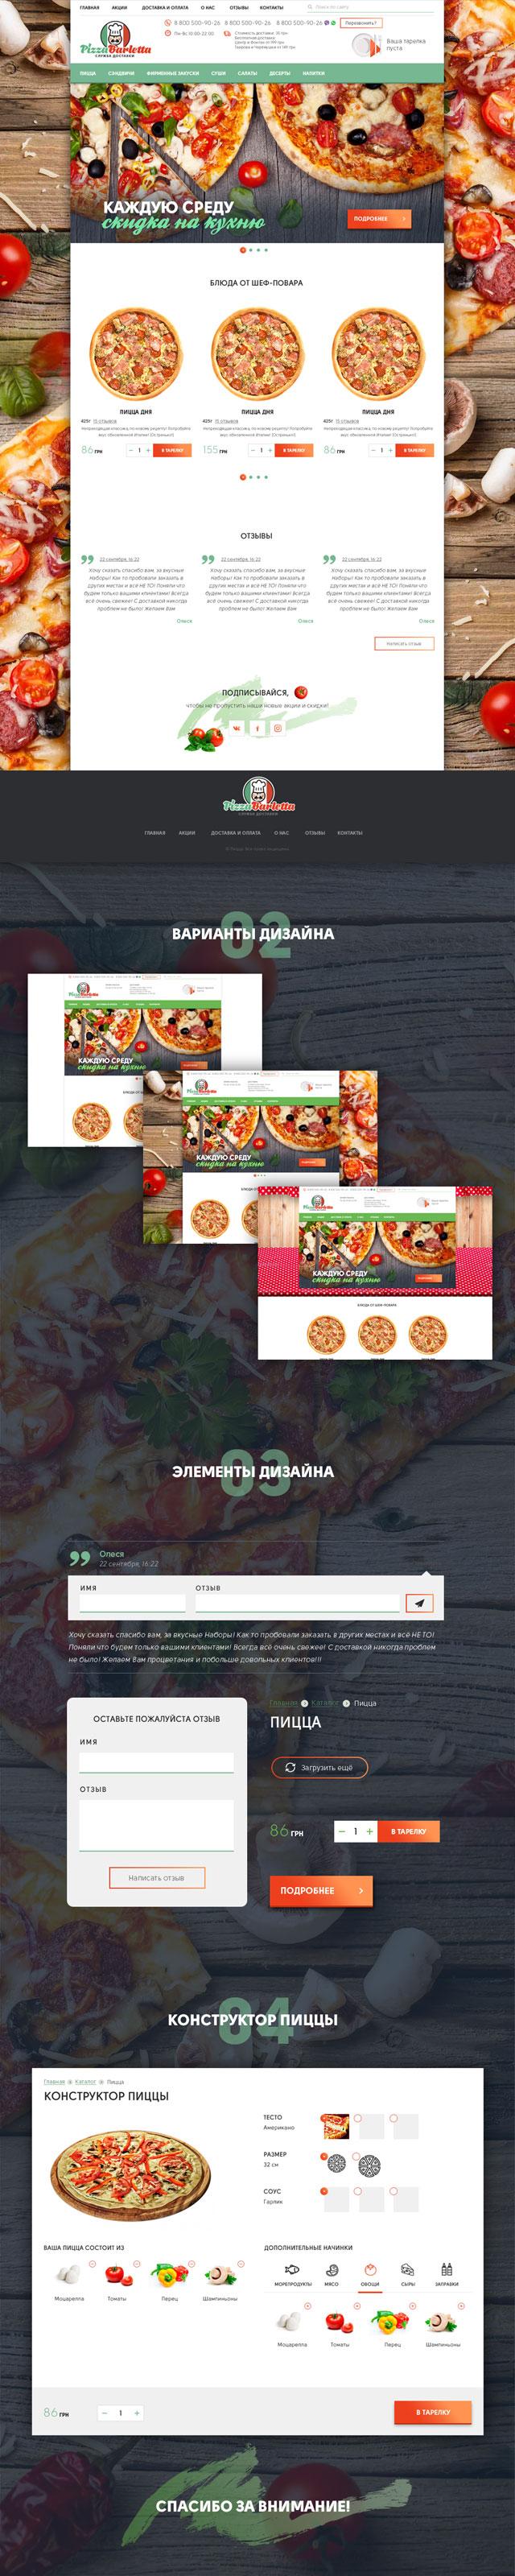 Pizza Barletta